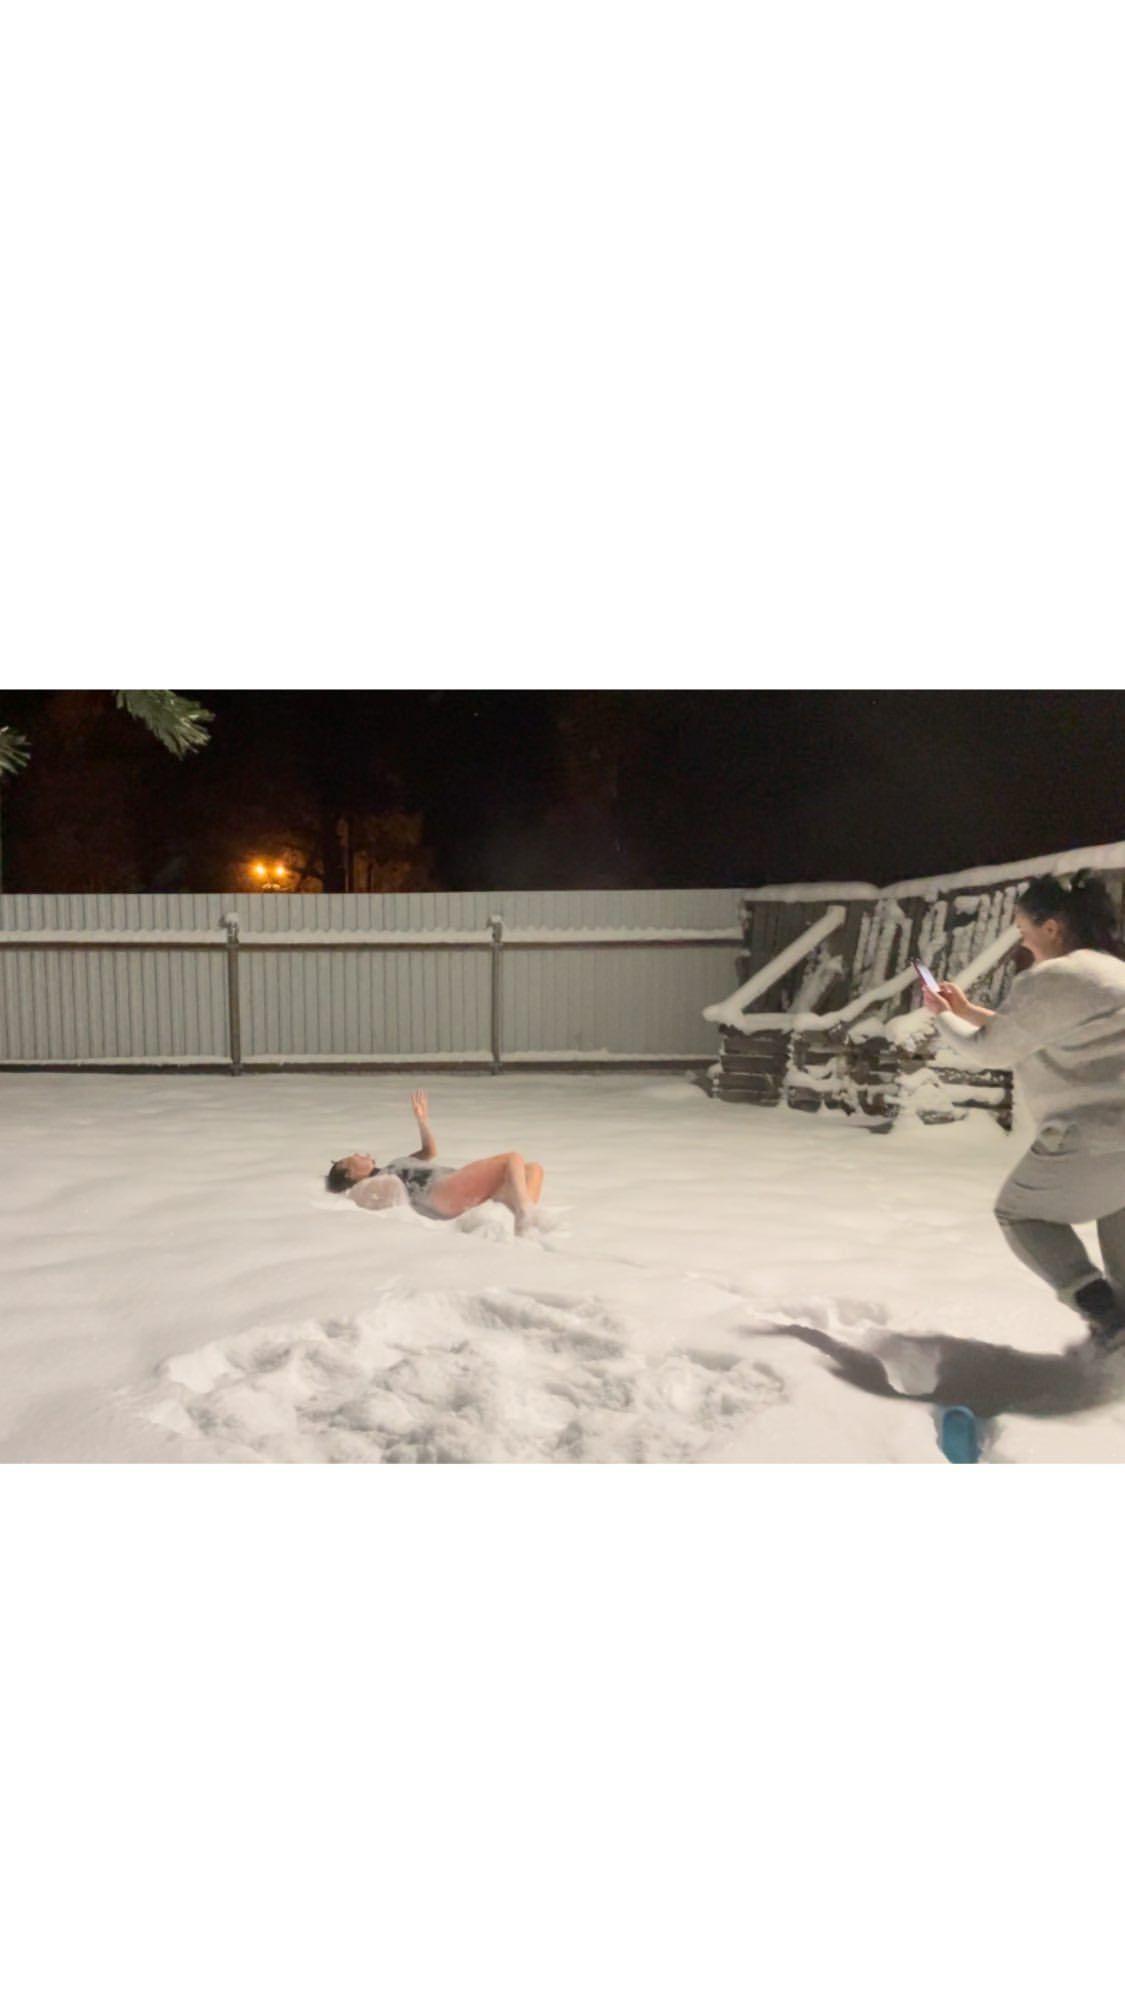 Ünlü sunucu mayoyla karlara atladı! - Sayfa 4